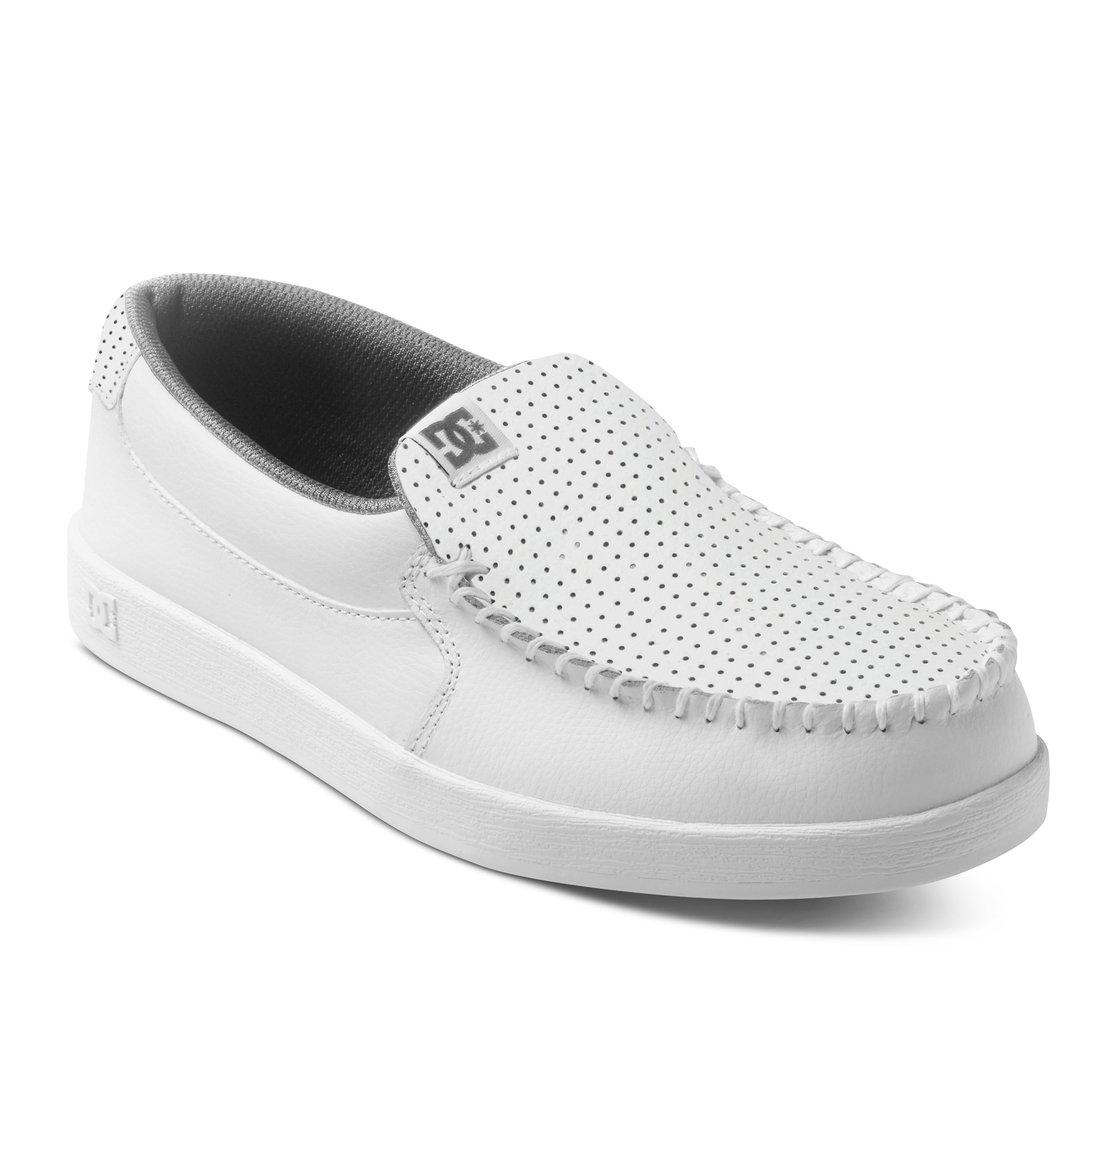 Dc Villain Shoes Brown